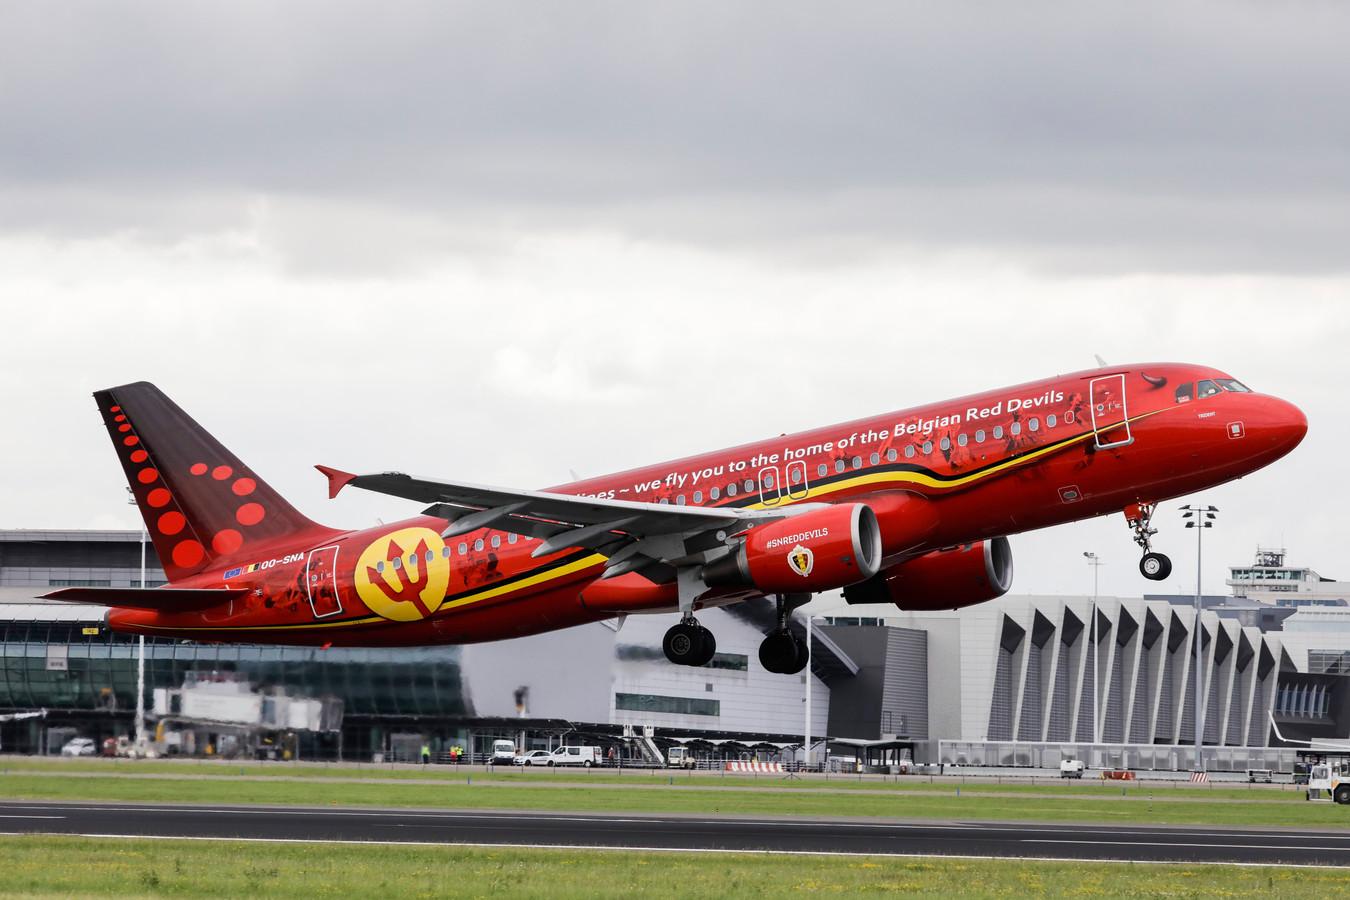 L'avion spécialement décoré pour les Diables à l'occasion de la Coupe du monde en Russie en 2018.